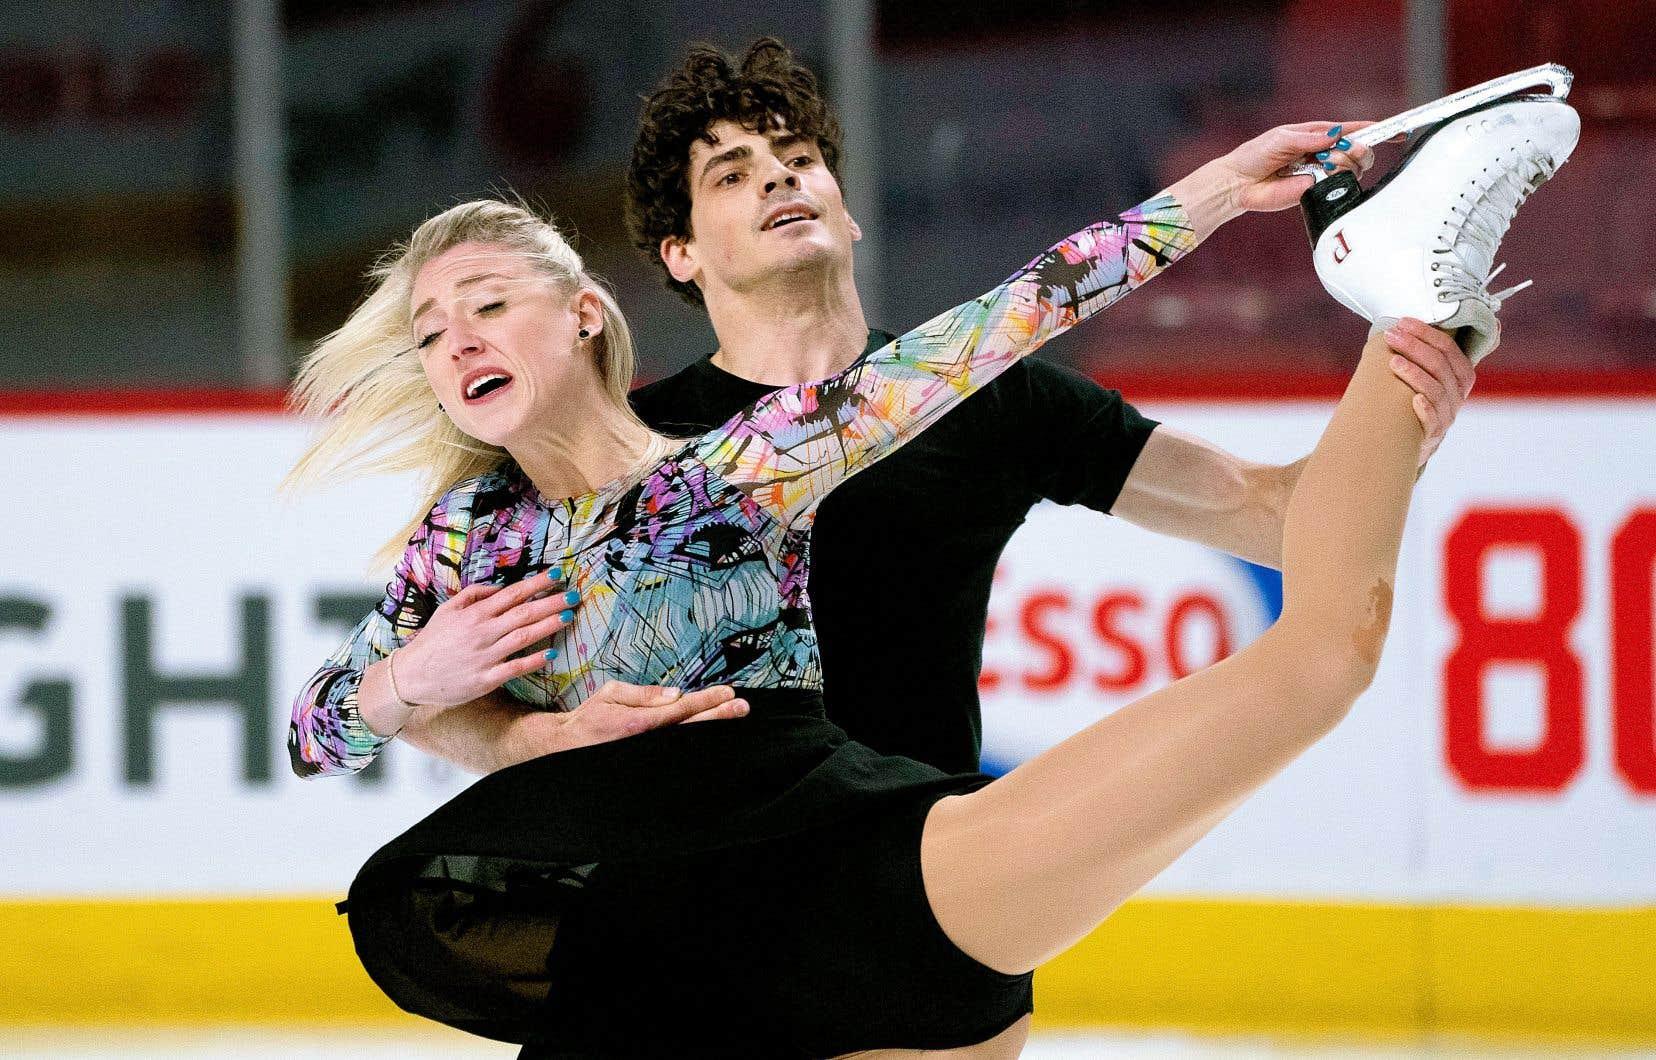 Le duo canadien formé de Piper Gilles et de Paul Poirier devait prendre part aux Mondiaux de patinage artistique, qui étaient prévus à Montréal du 16 au 22mars.